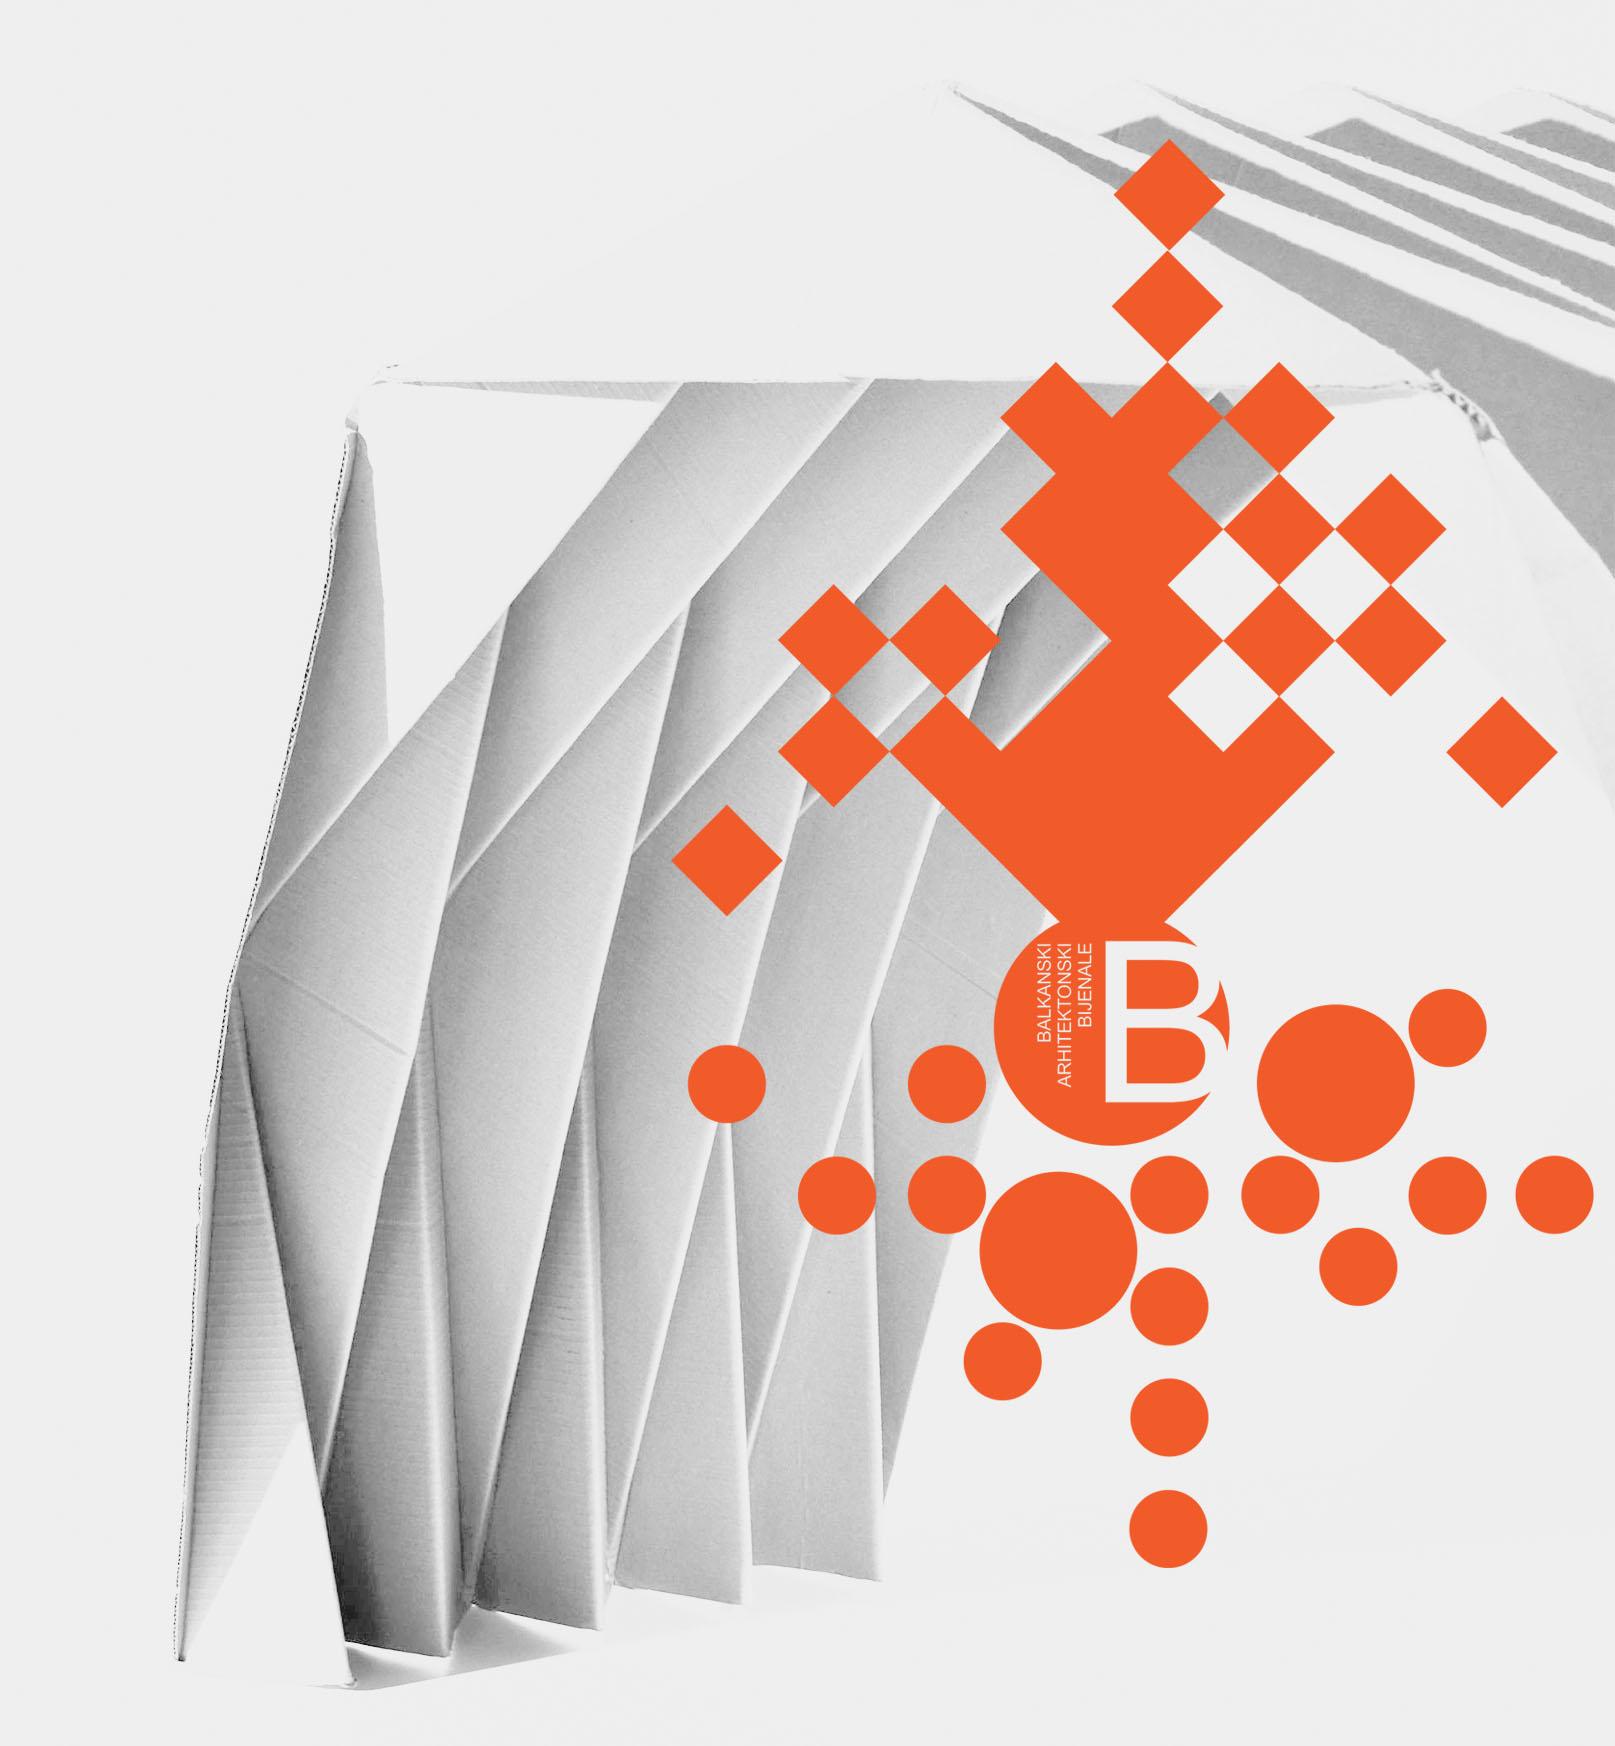 bab2021-konkurs-paviljon